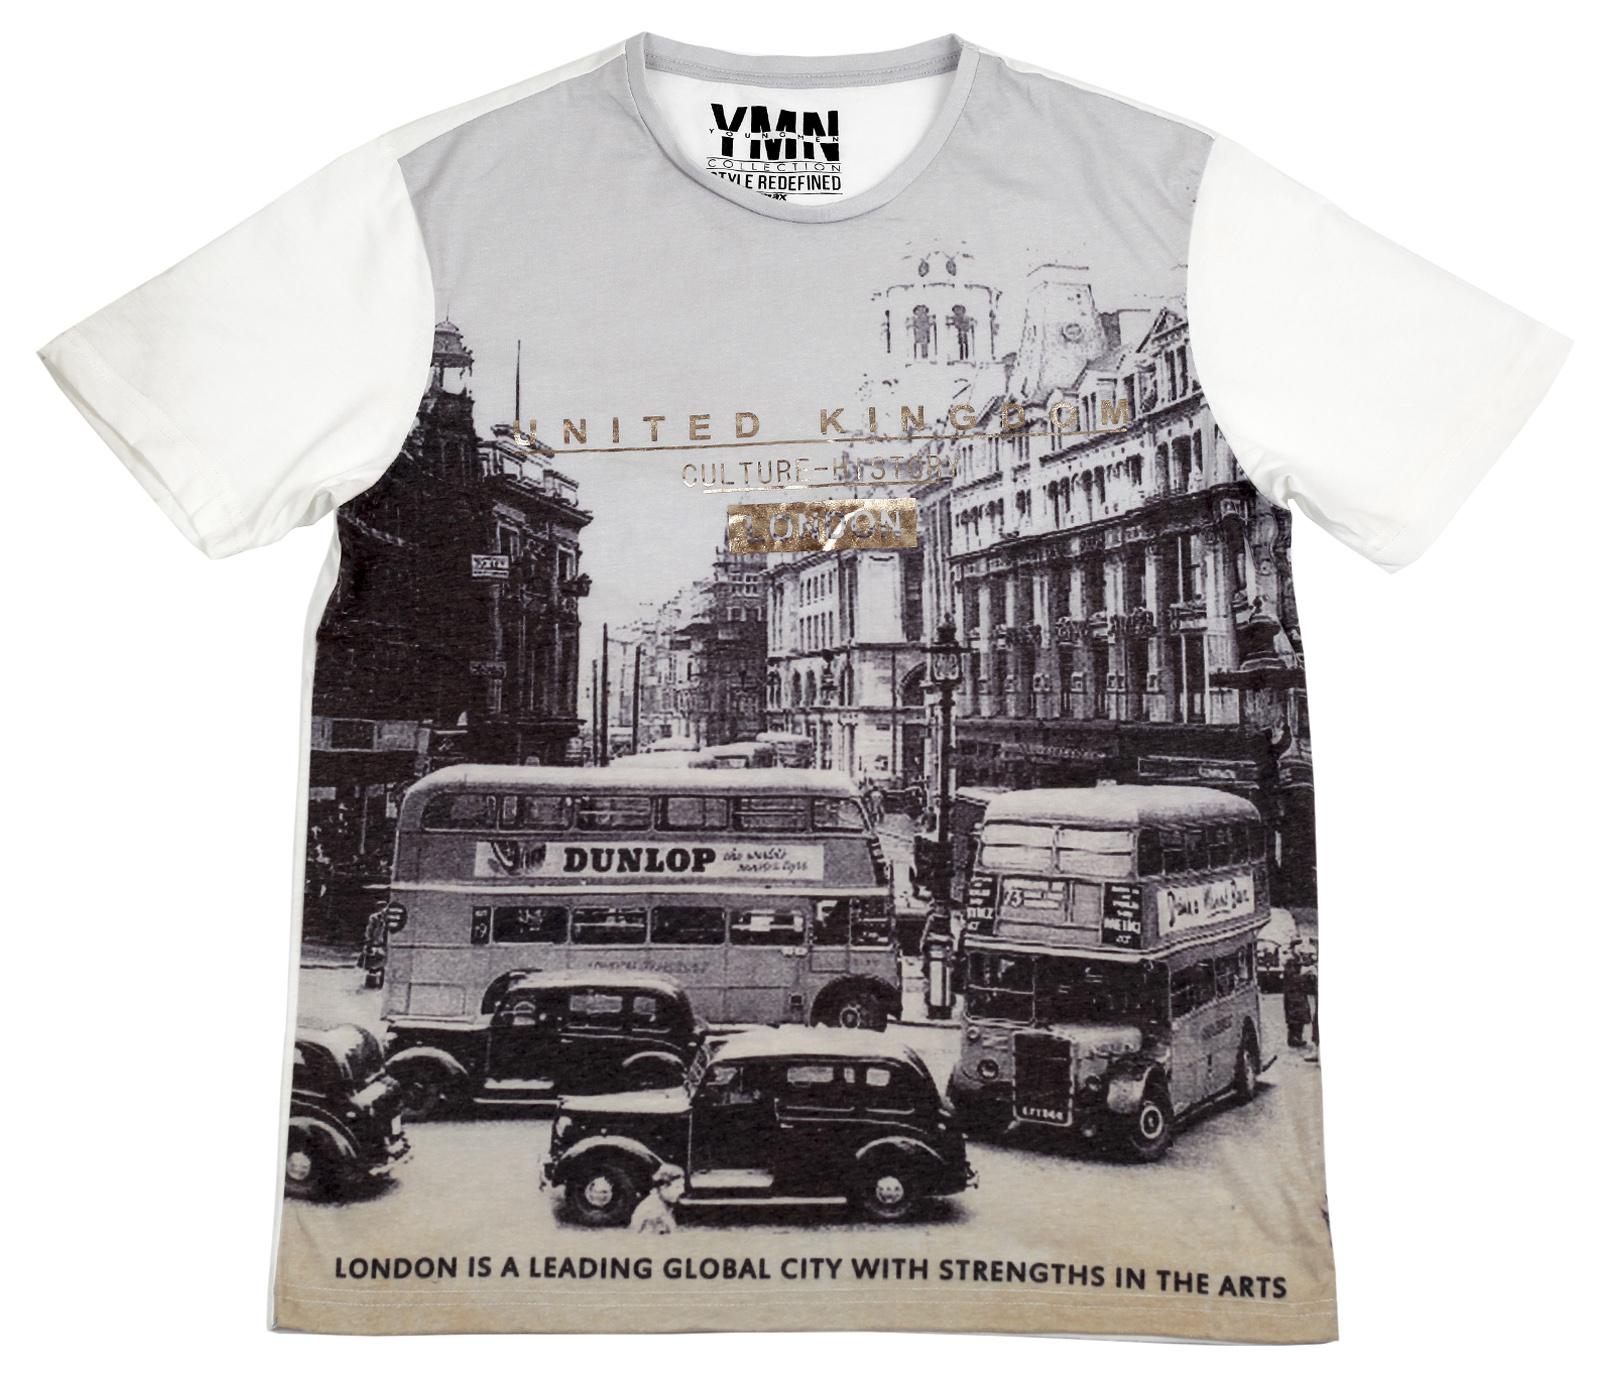 Английская футболка Max. Эксклюзивно для модников!